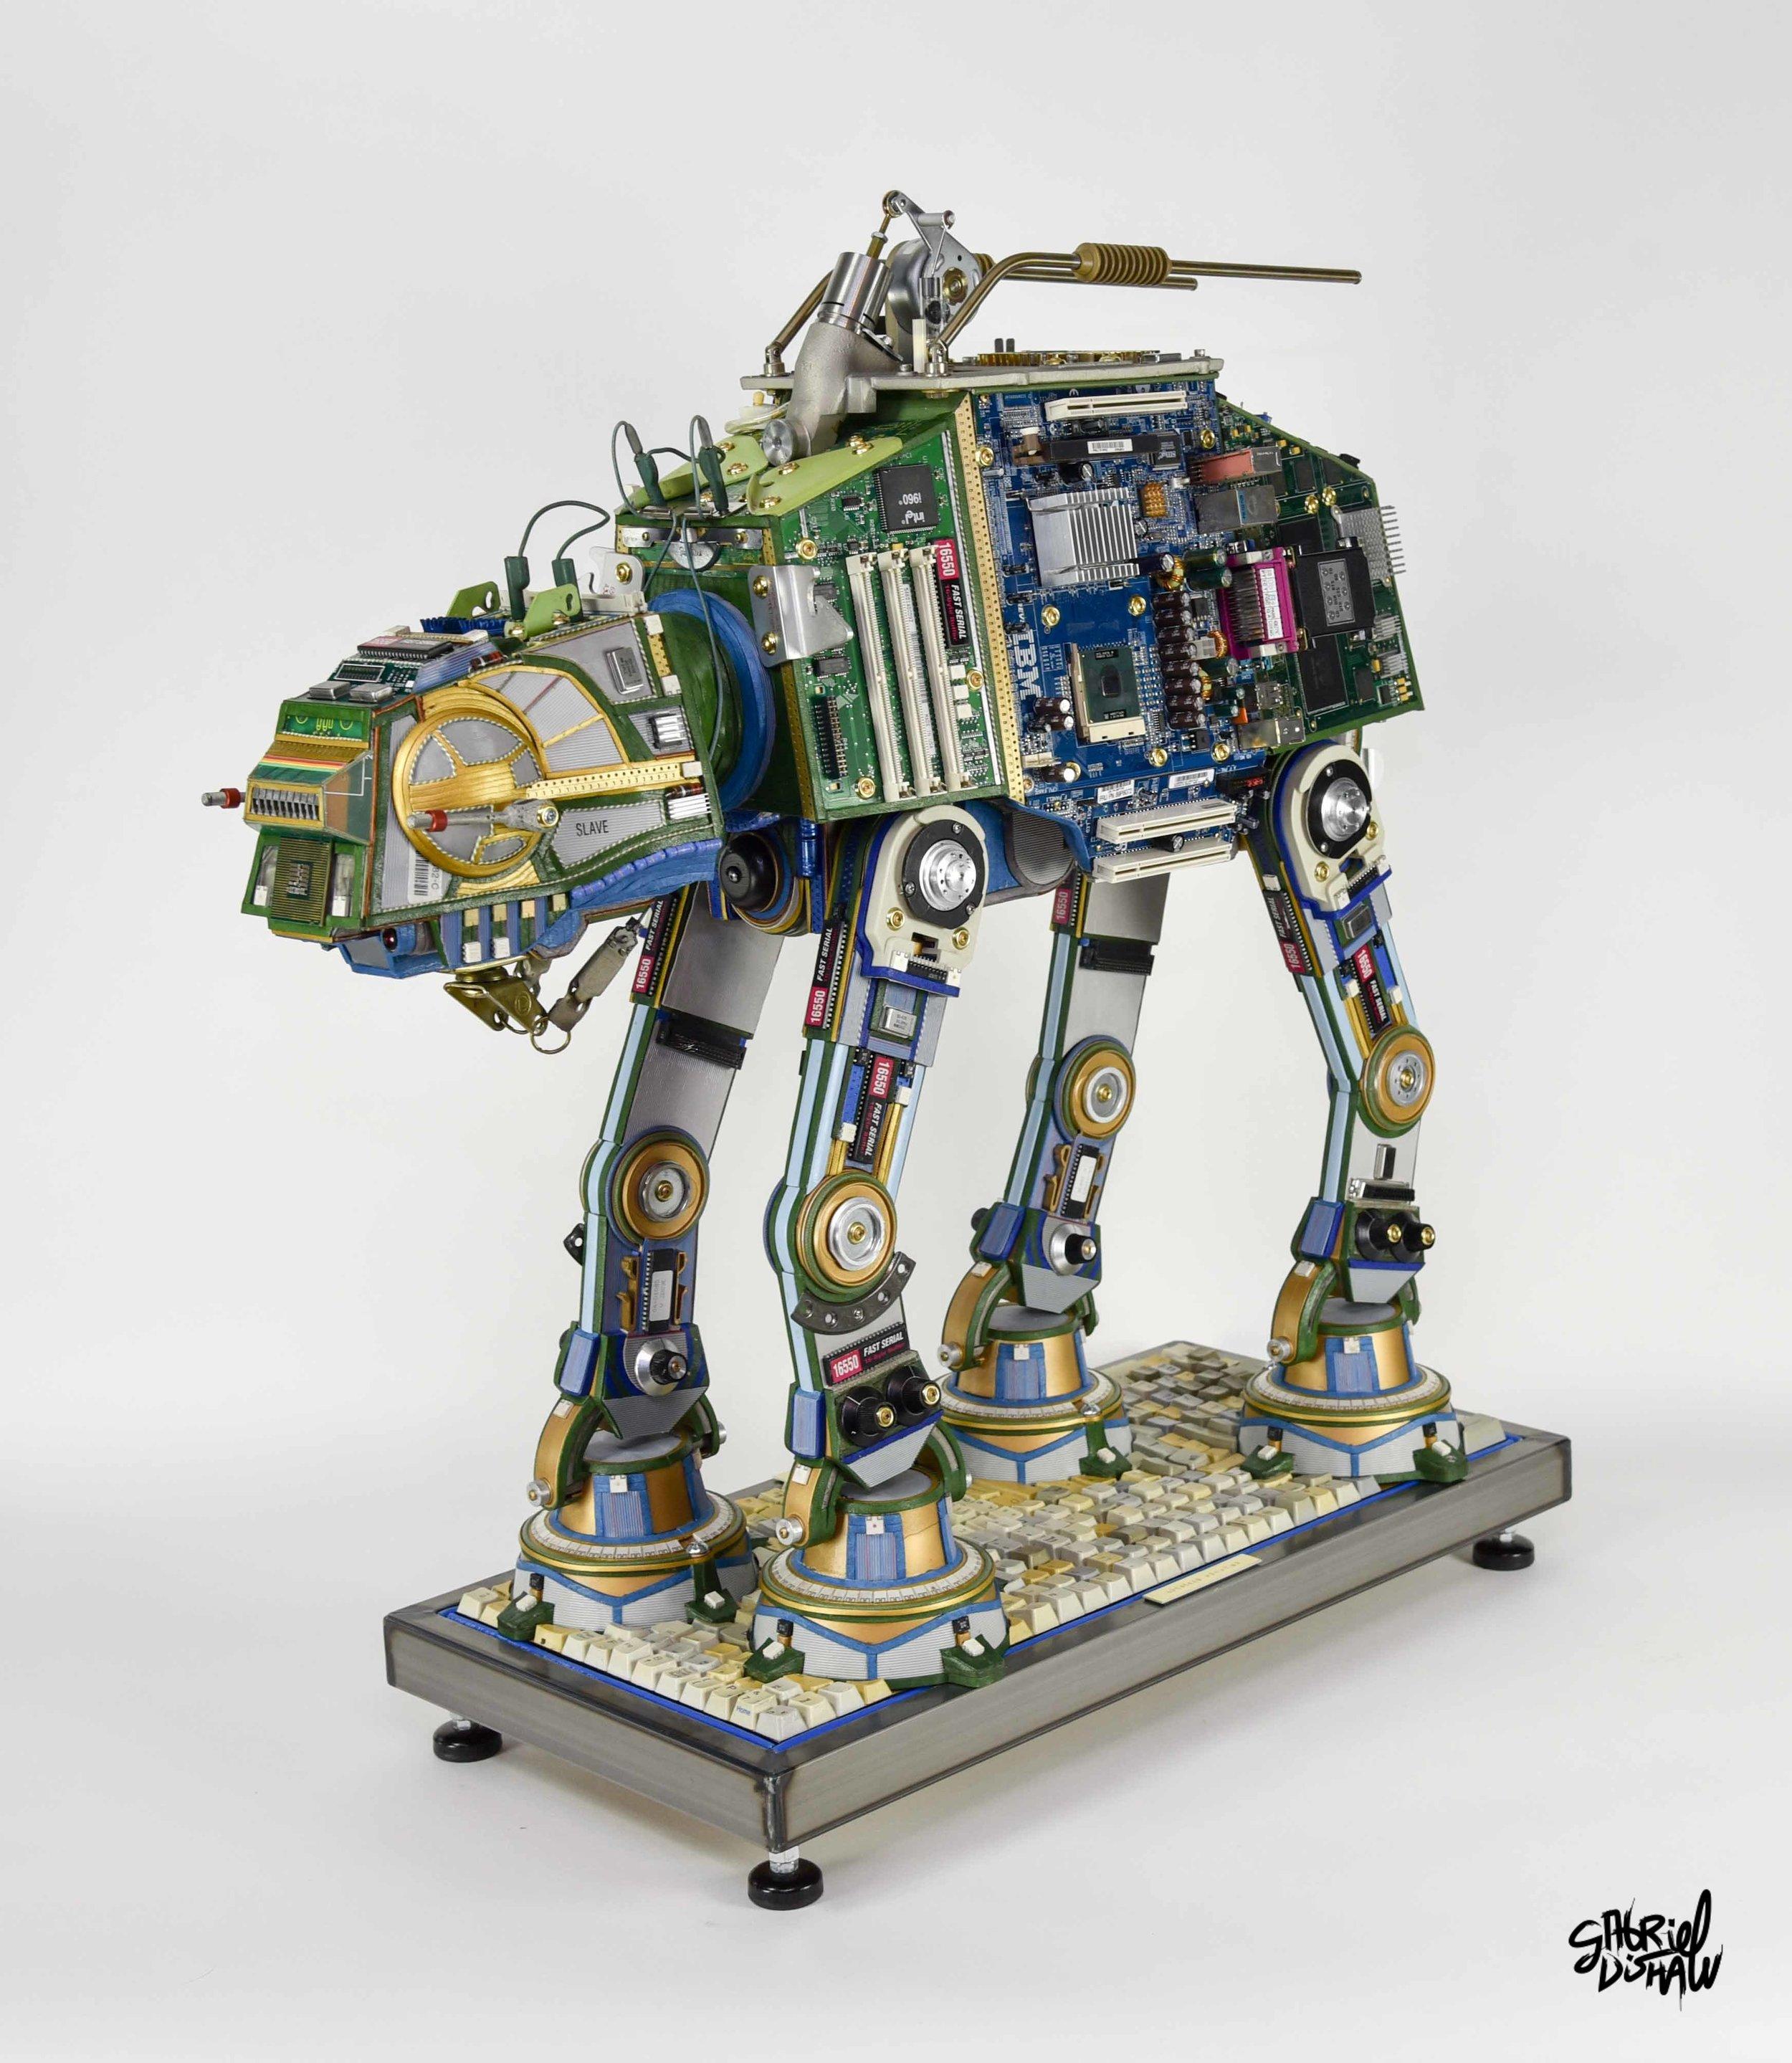 Gabriel Dishaw Upcycled AT-AT TWO-3607.jpg